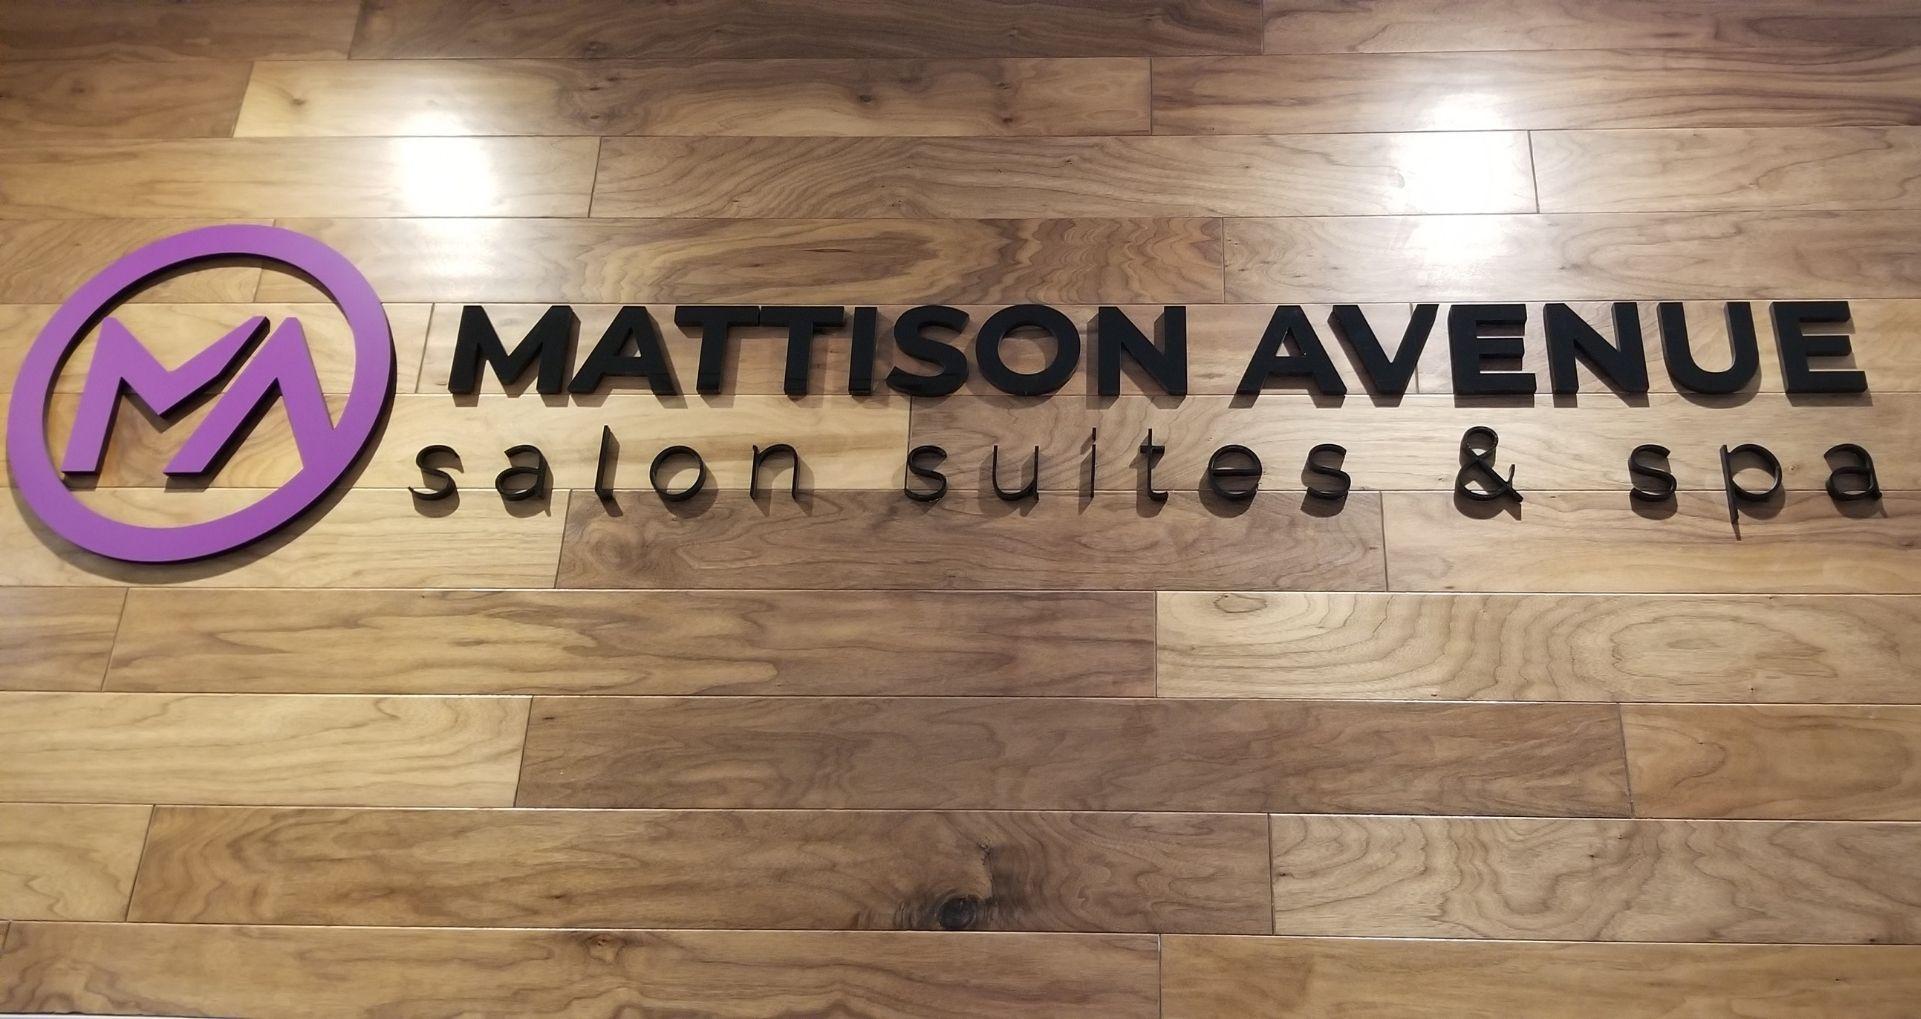 Mattison Avenue - Interior View (1)